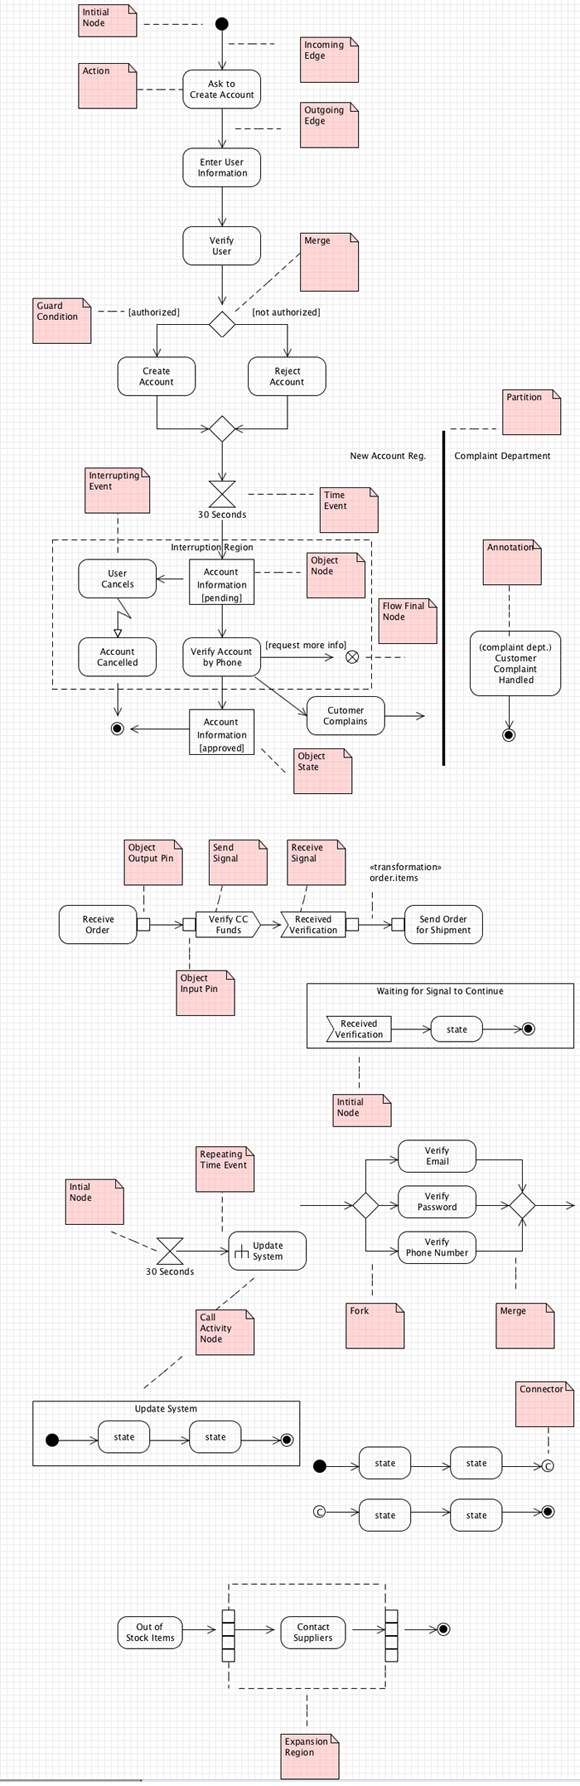 android activity activity diagram control flow use case flowchart software development [ 580 x 1786 Pixel ]